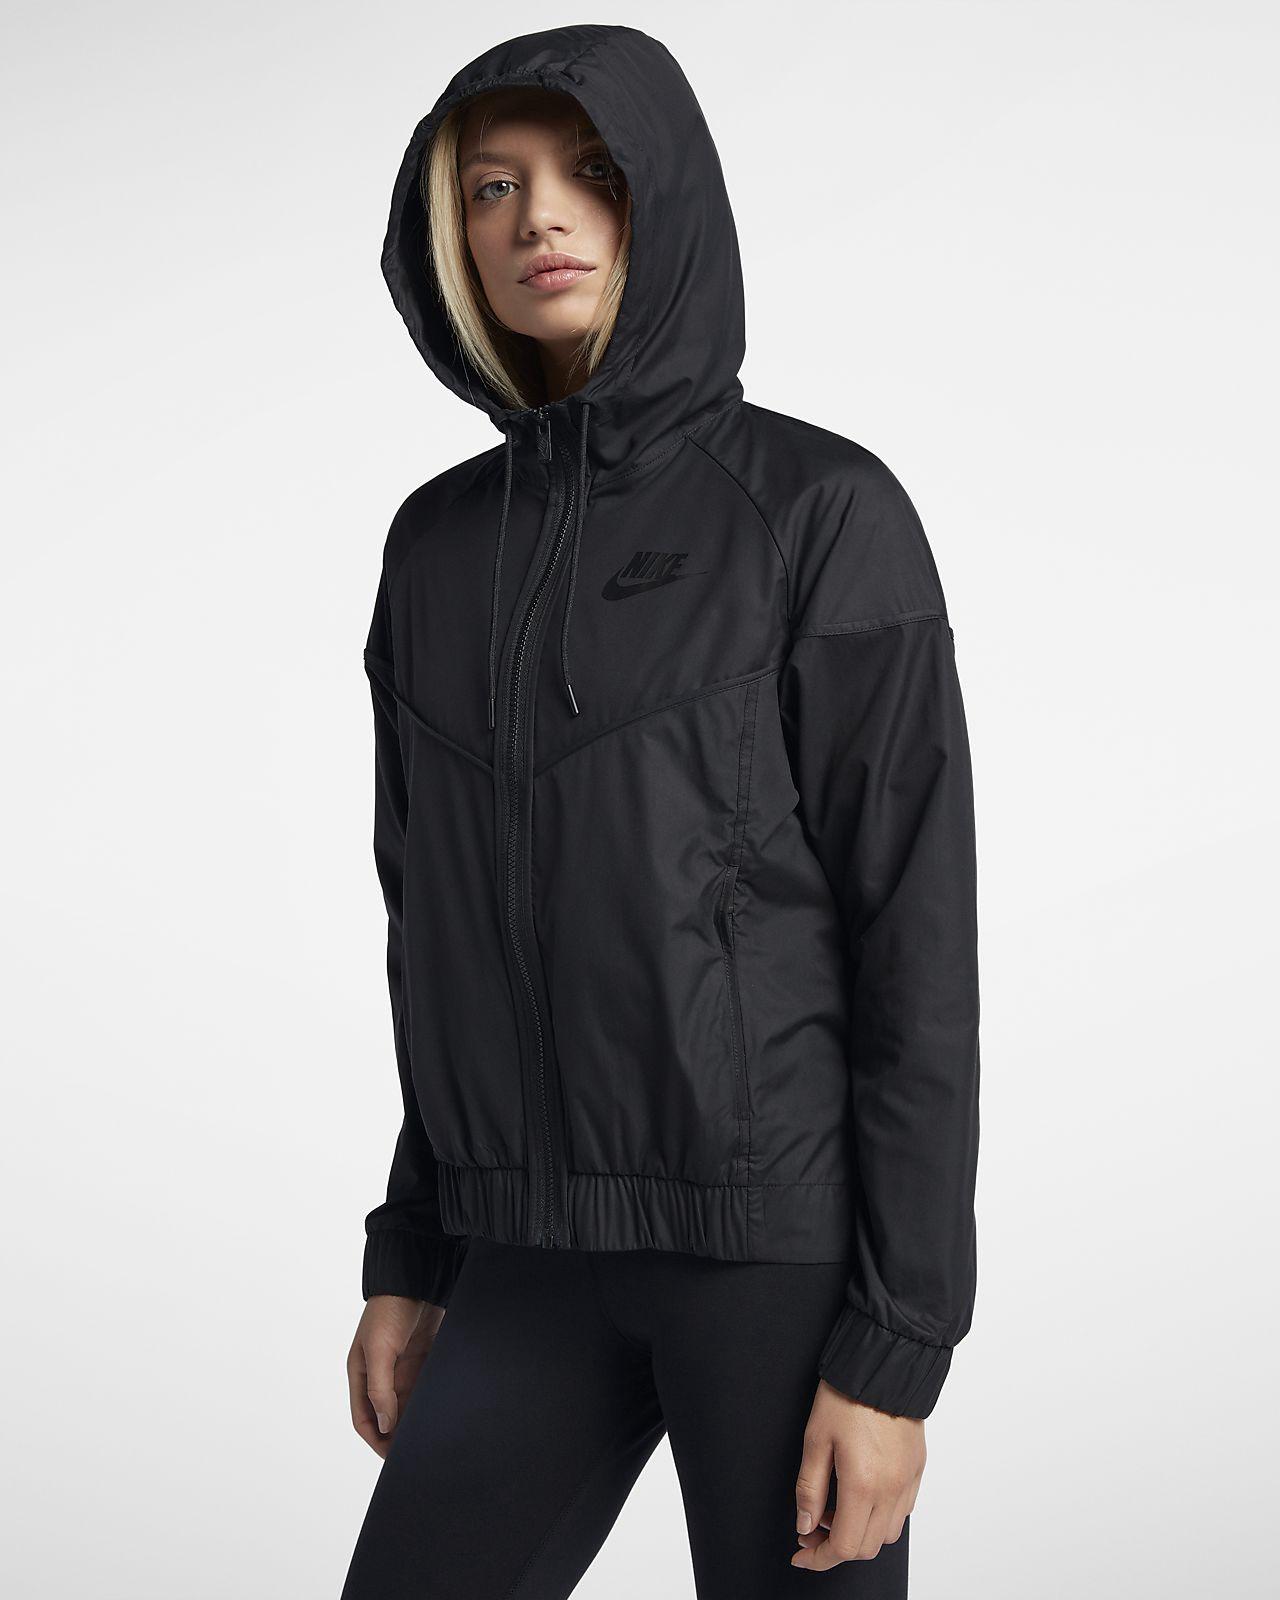 780153ba25 Nike Sportswear Windrunner Women's Jacket by Nike in 2018 | Products ...